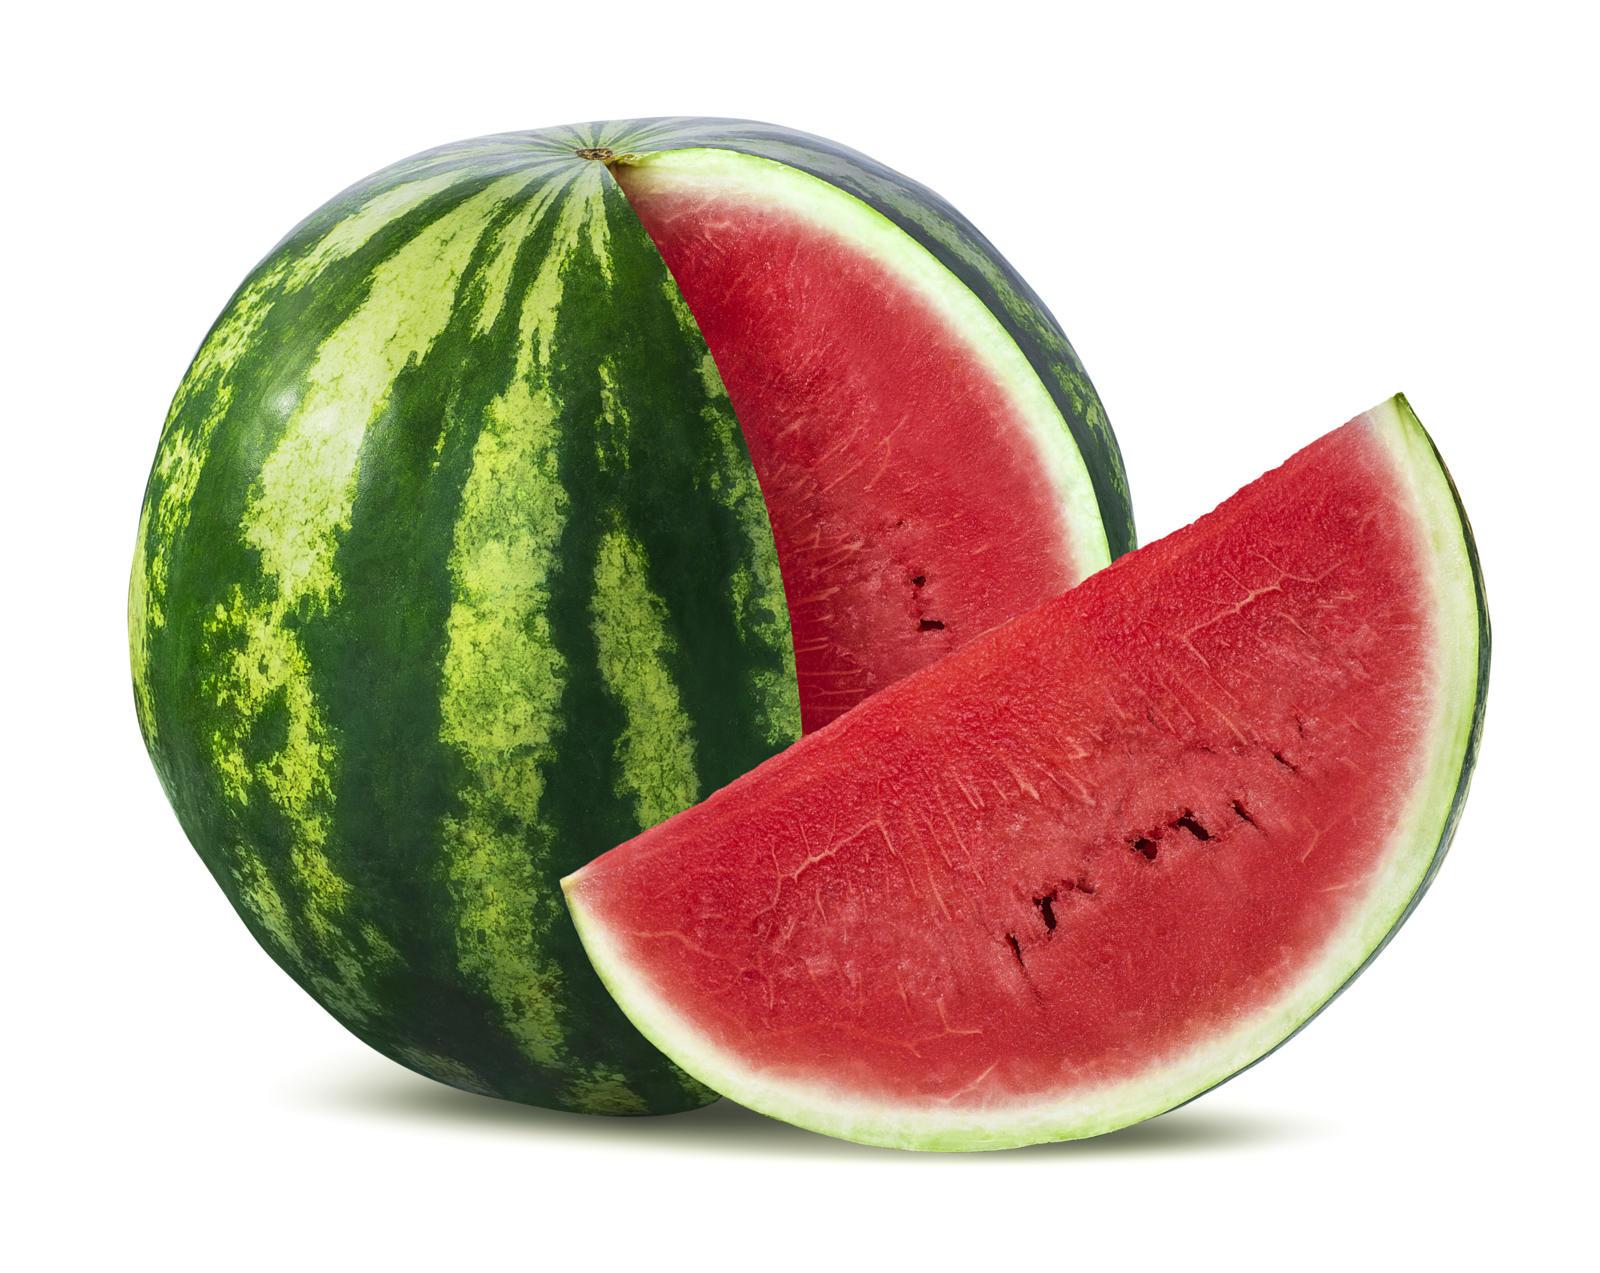 میوه های قرمز ، هندوانه بهبود گردش خون و کاهش ریسک سکته